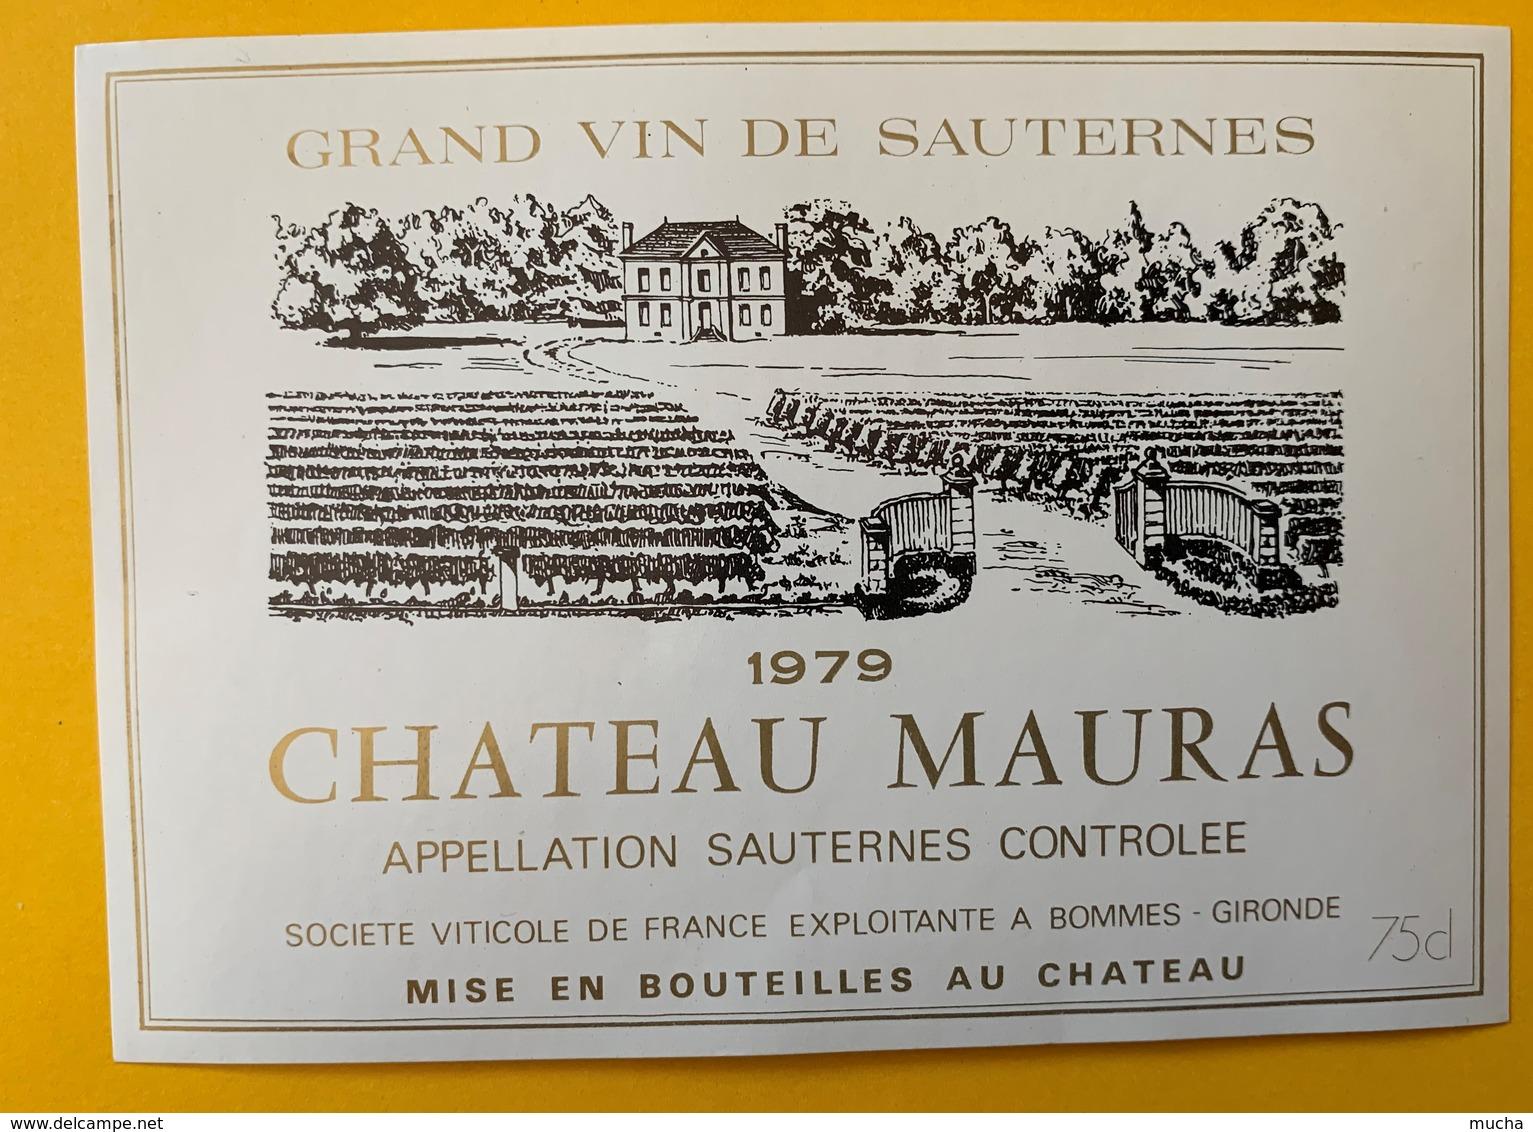 12669 - Château Mauras 1979 Sauternes - Bordeaux